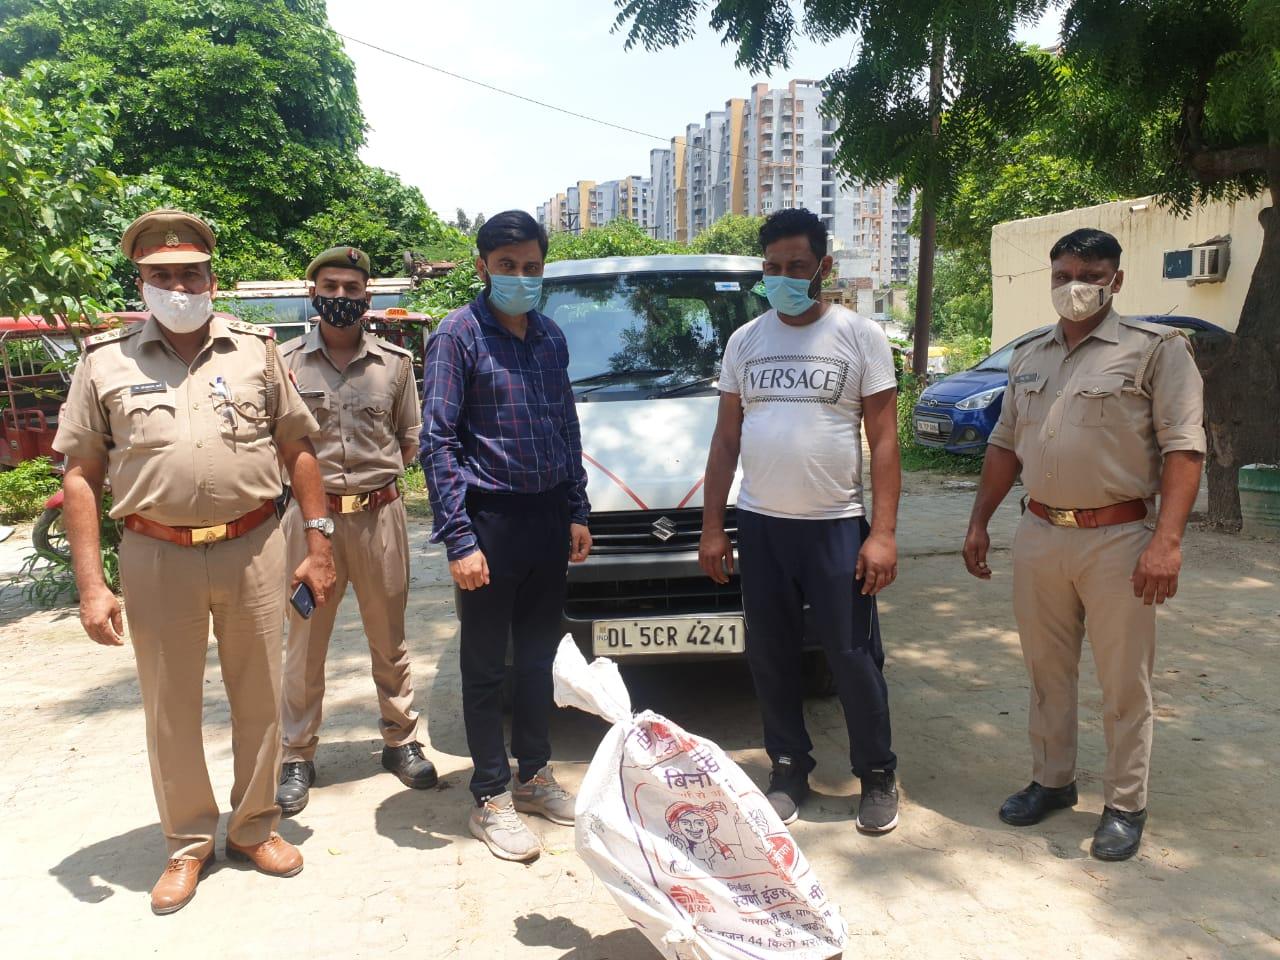 वकील से मिलने के बहाने कार में डालकर ले गए, शराब पिलाने के बाद डंडे से पीटकर हत्या, दो दोस्त गिरफ्तार|गाजियाबाद,Ghaziabad - Dainik Bhaskar